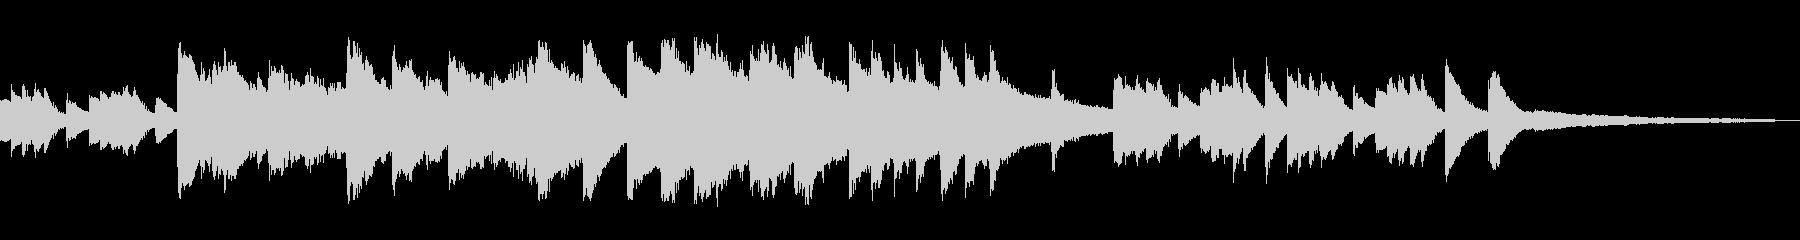 ピアノによる半インストの未再生の波形